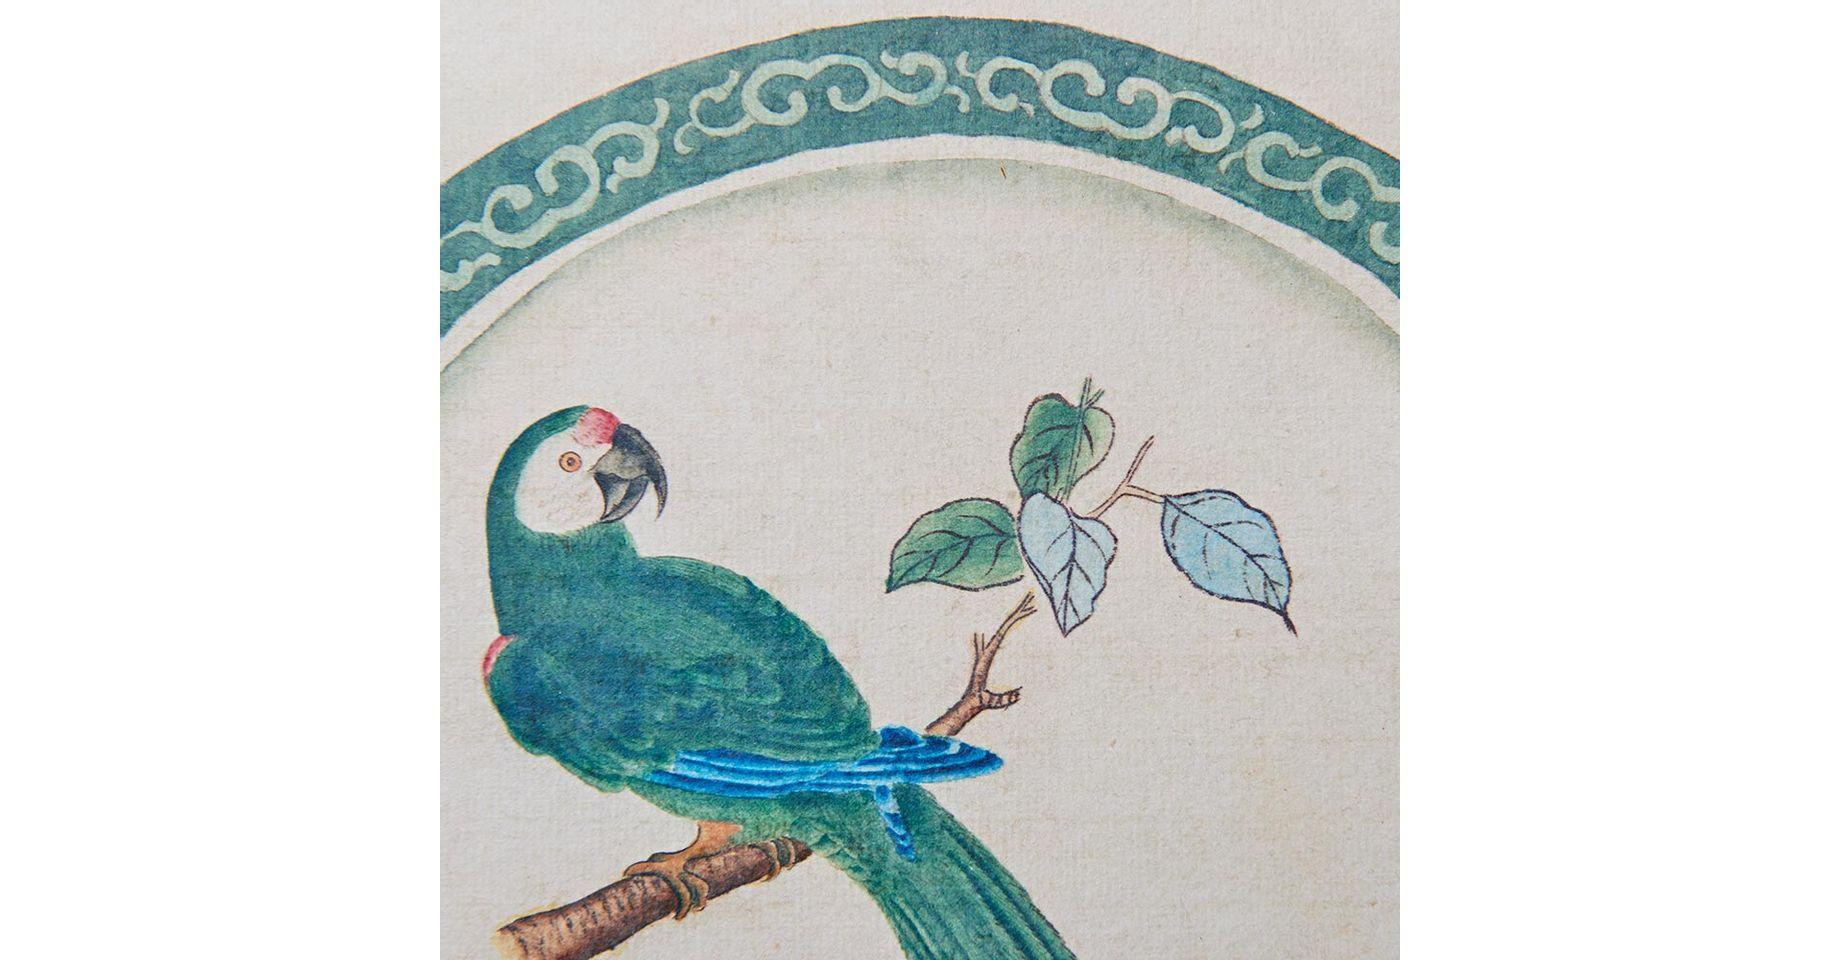 010106053_020_2-GRAVURA-BIRD-1